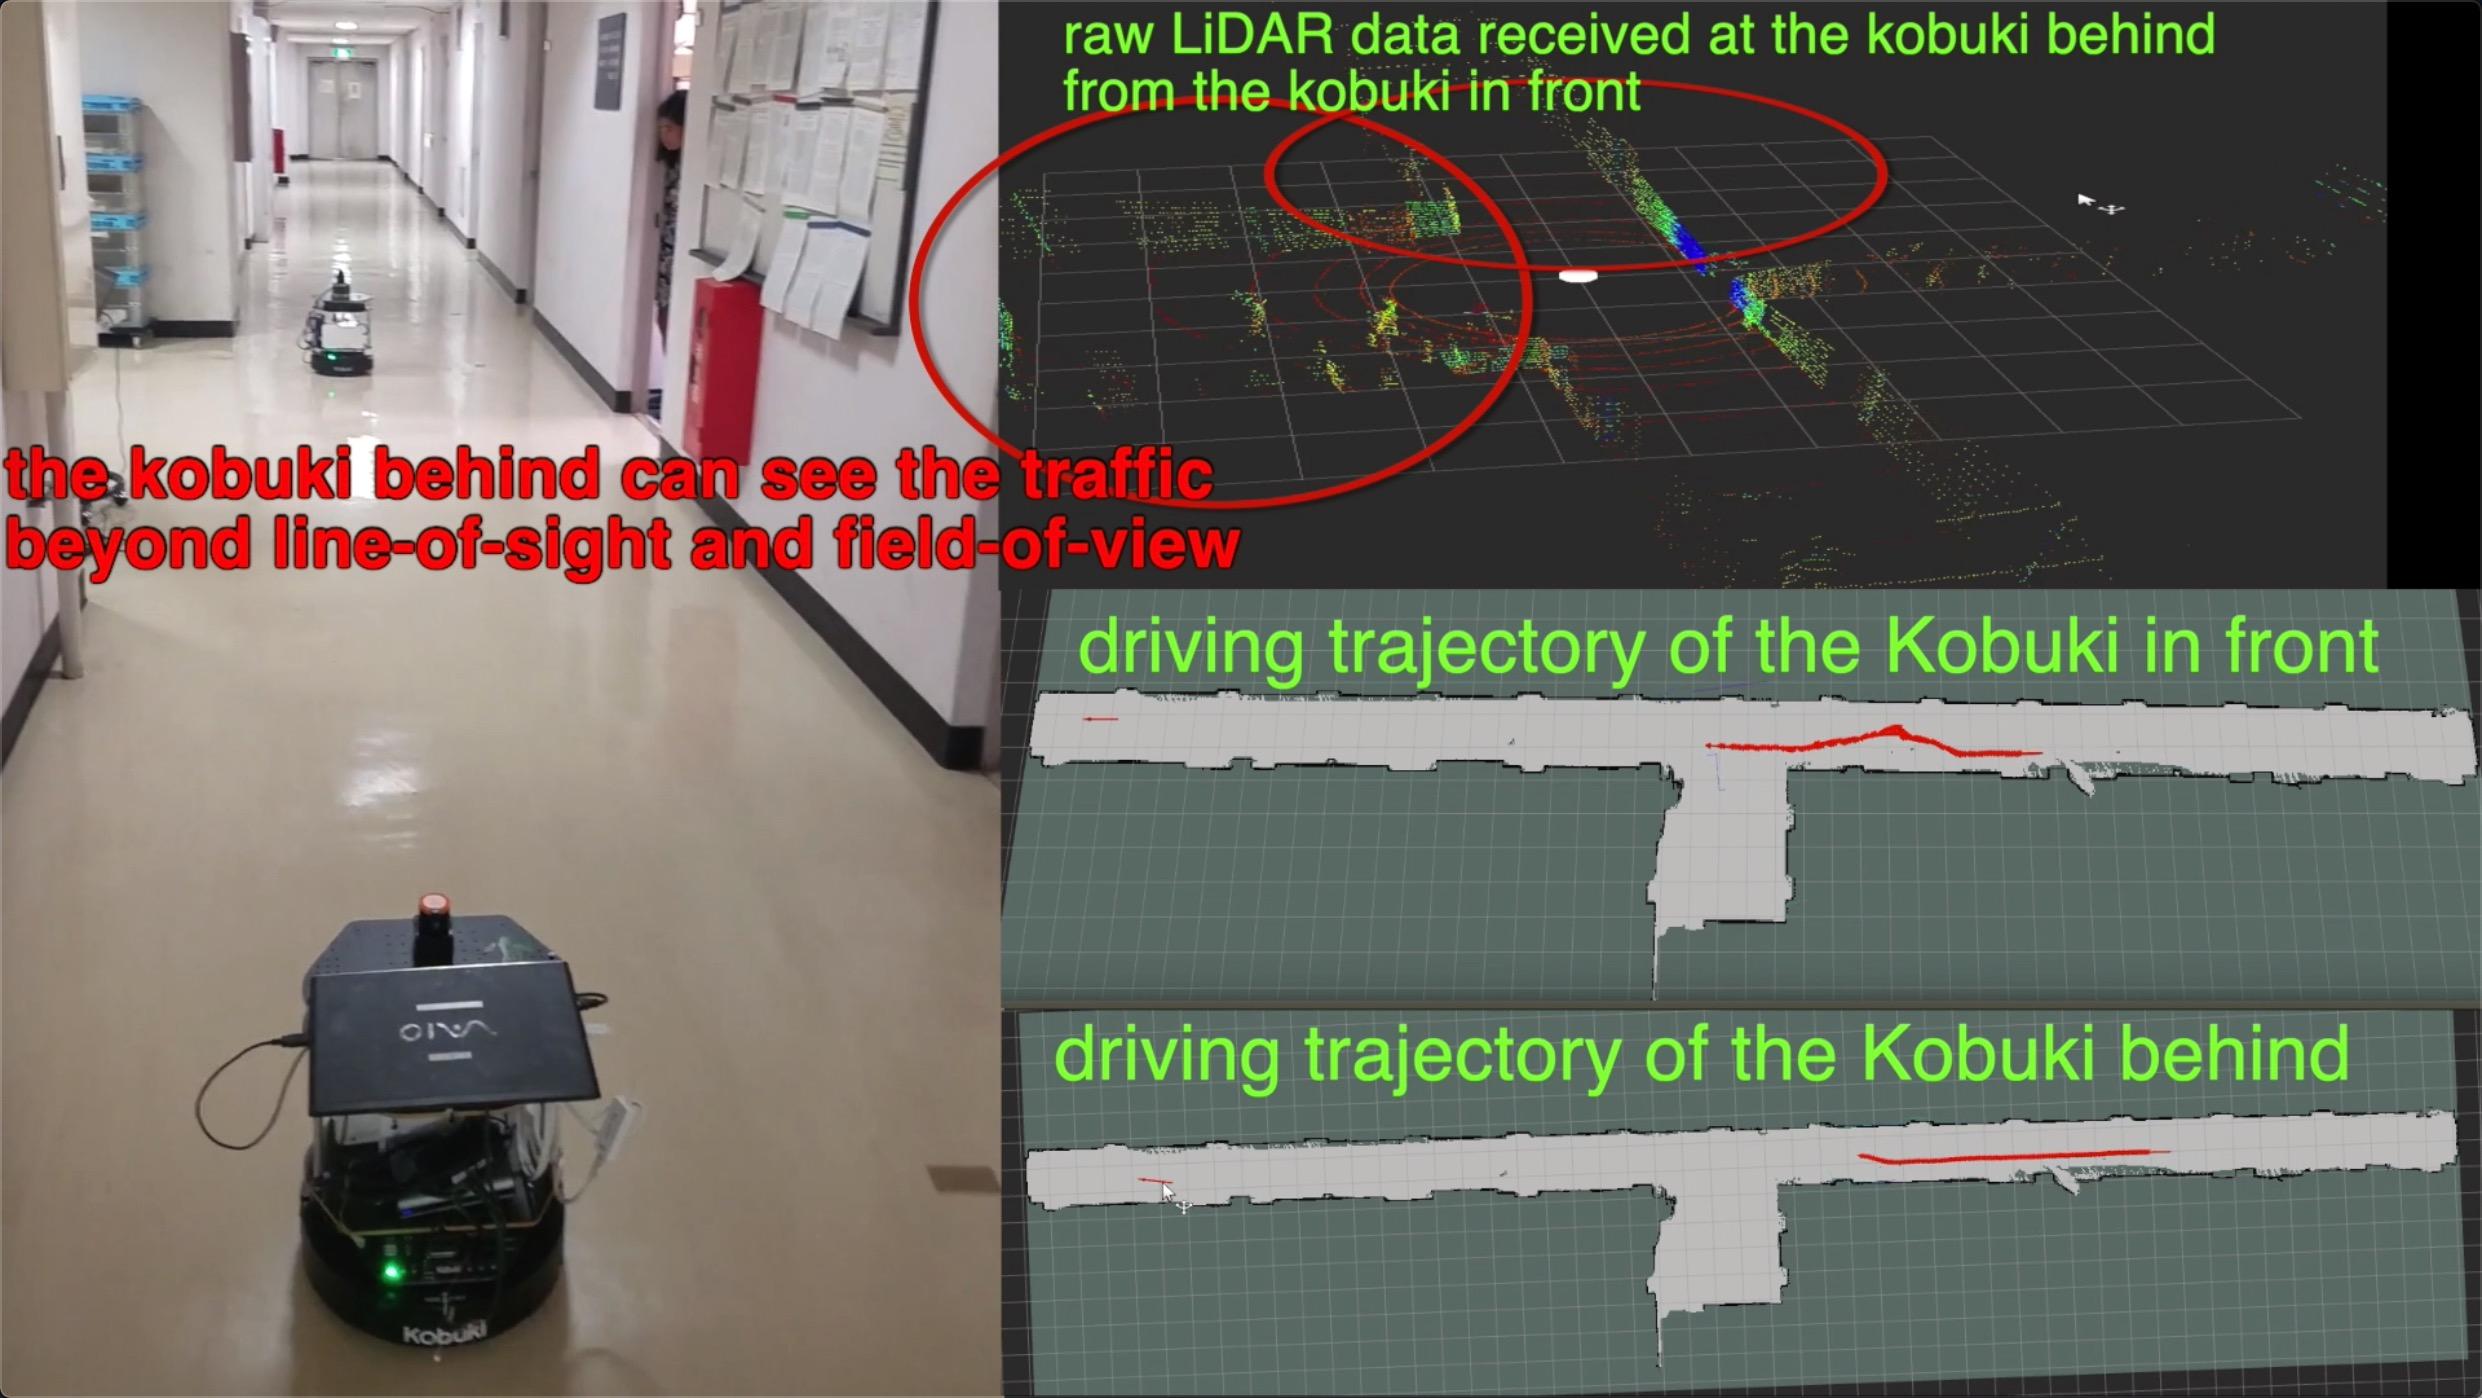 [Demo] Millimeter-Wave Vehicle-to-Vehicle (V2V) Communication